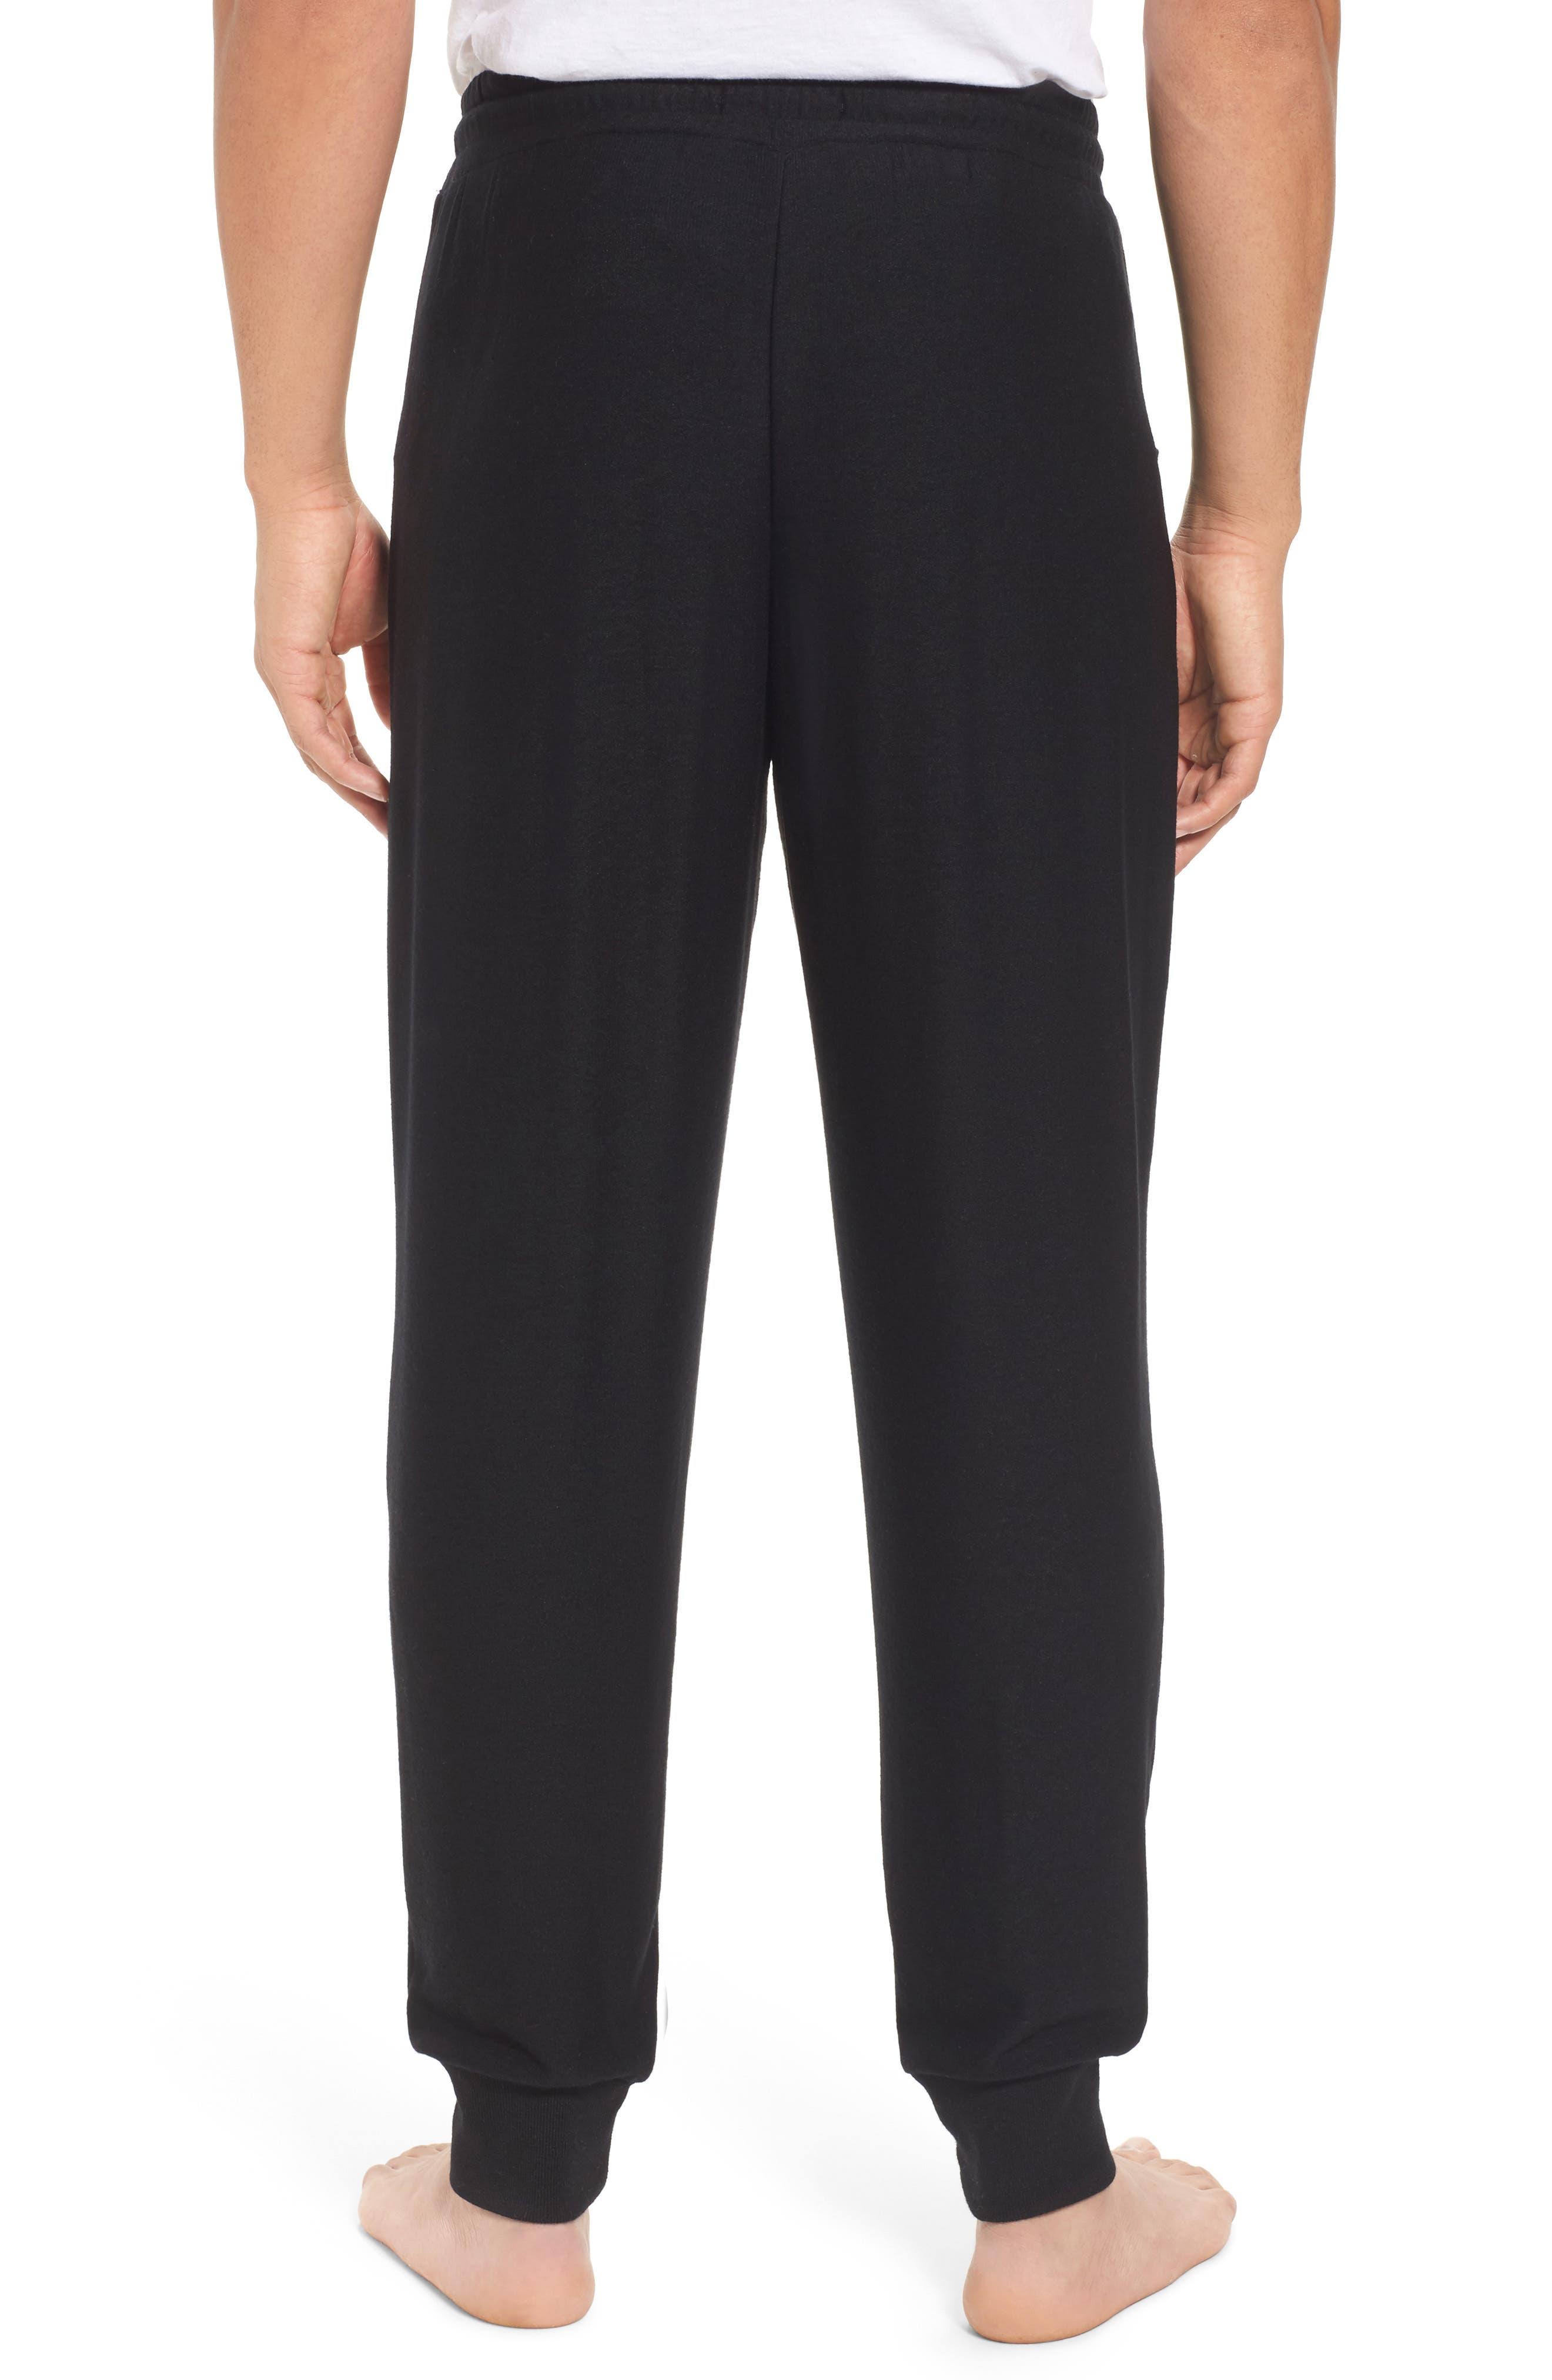 Ultra Soft Jogger Pants,                             Alternate thumbnail 2, color,                             BLACK